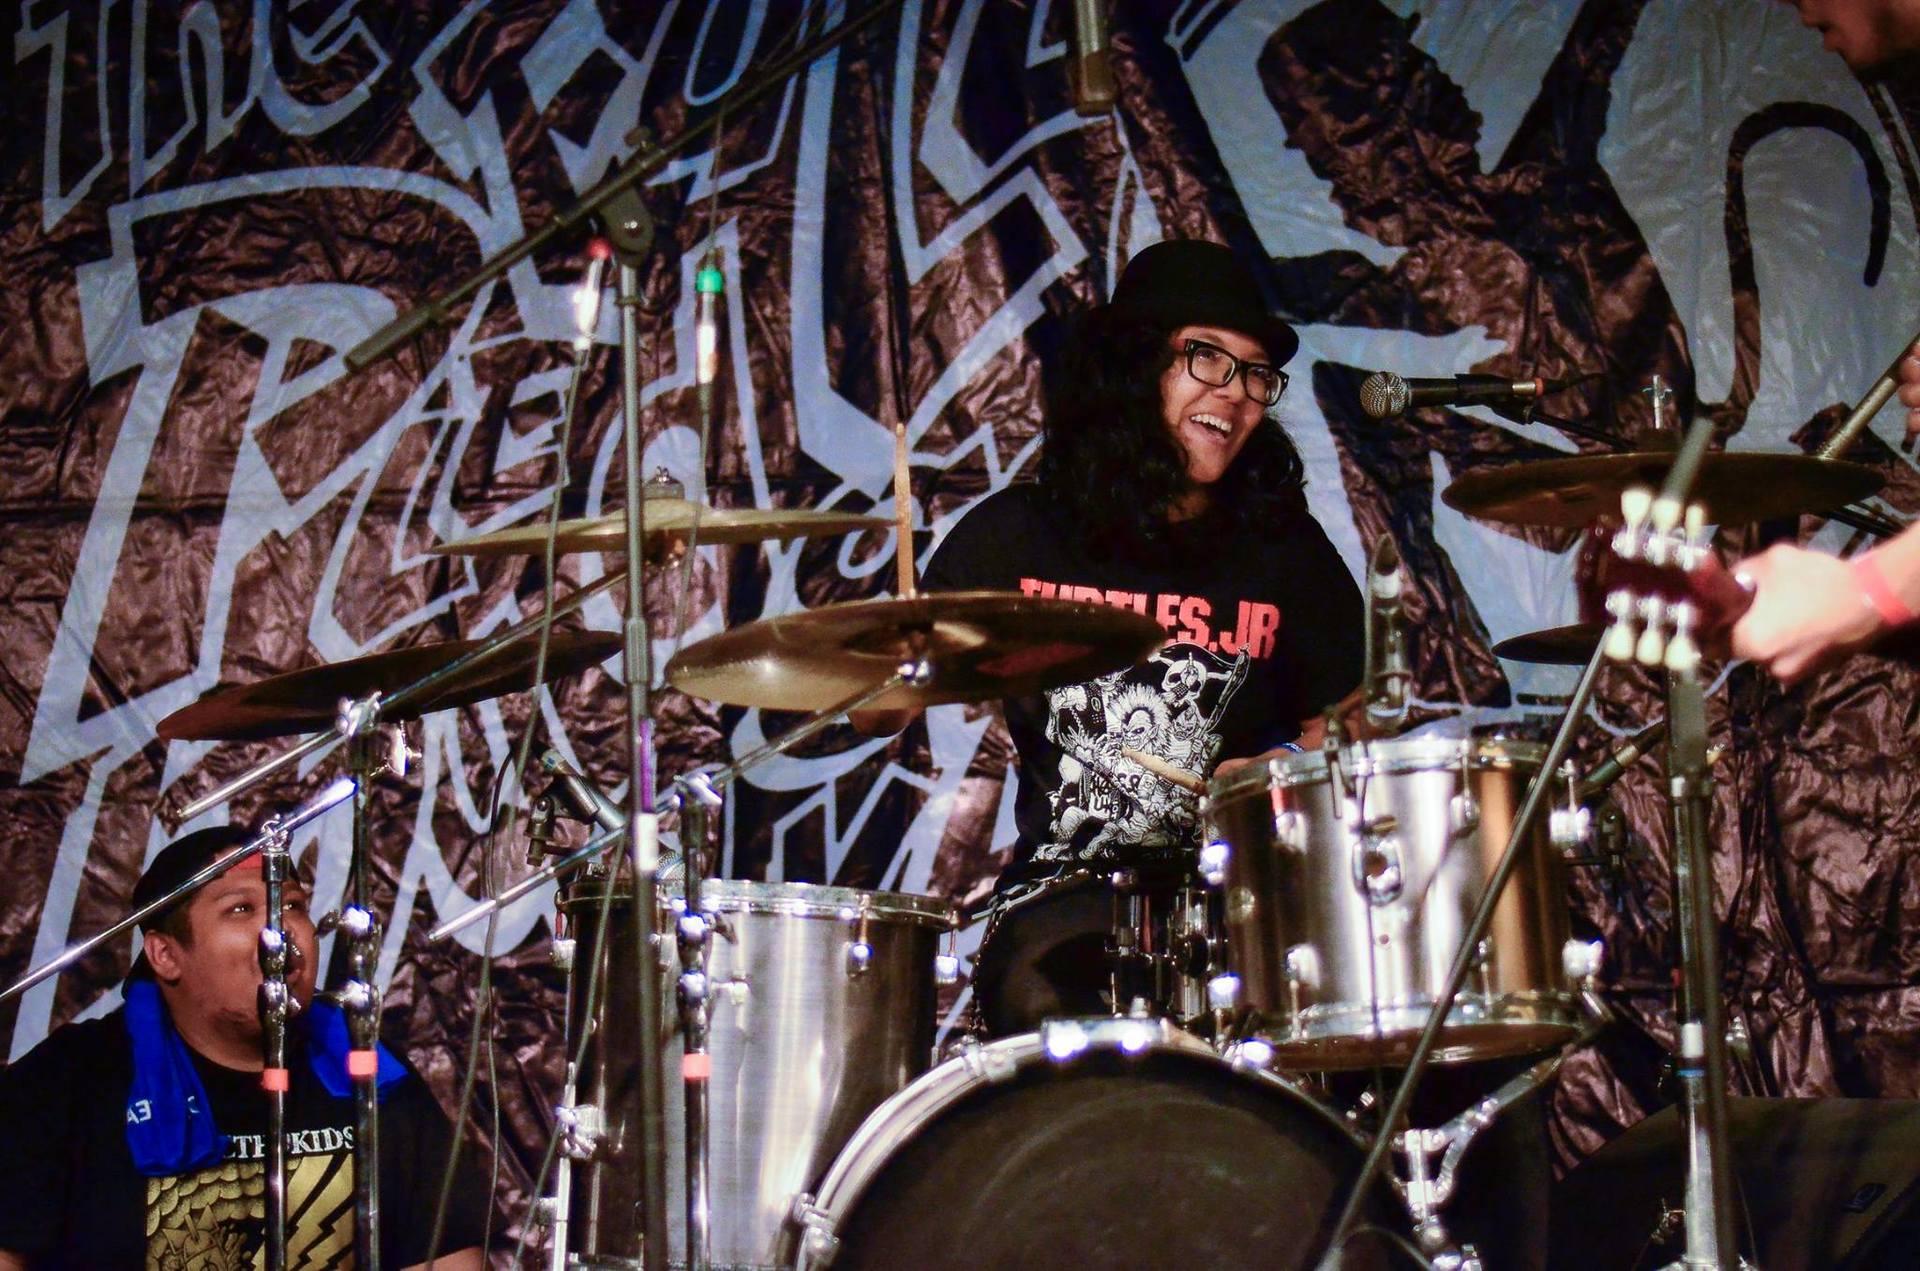 puteri nurainn singapore drummer singapore drum fest